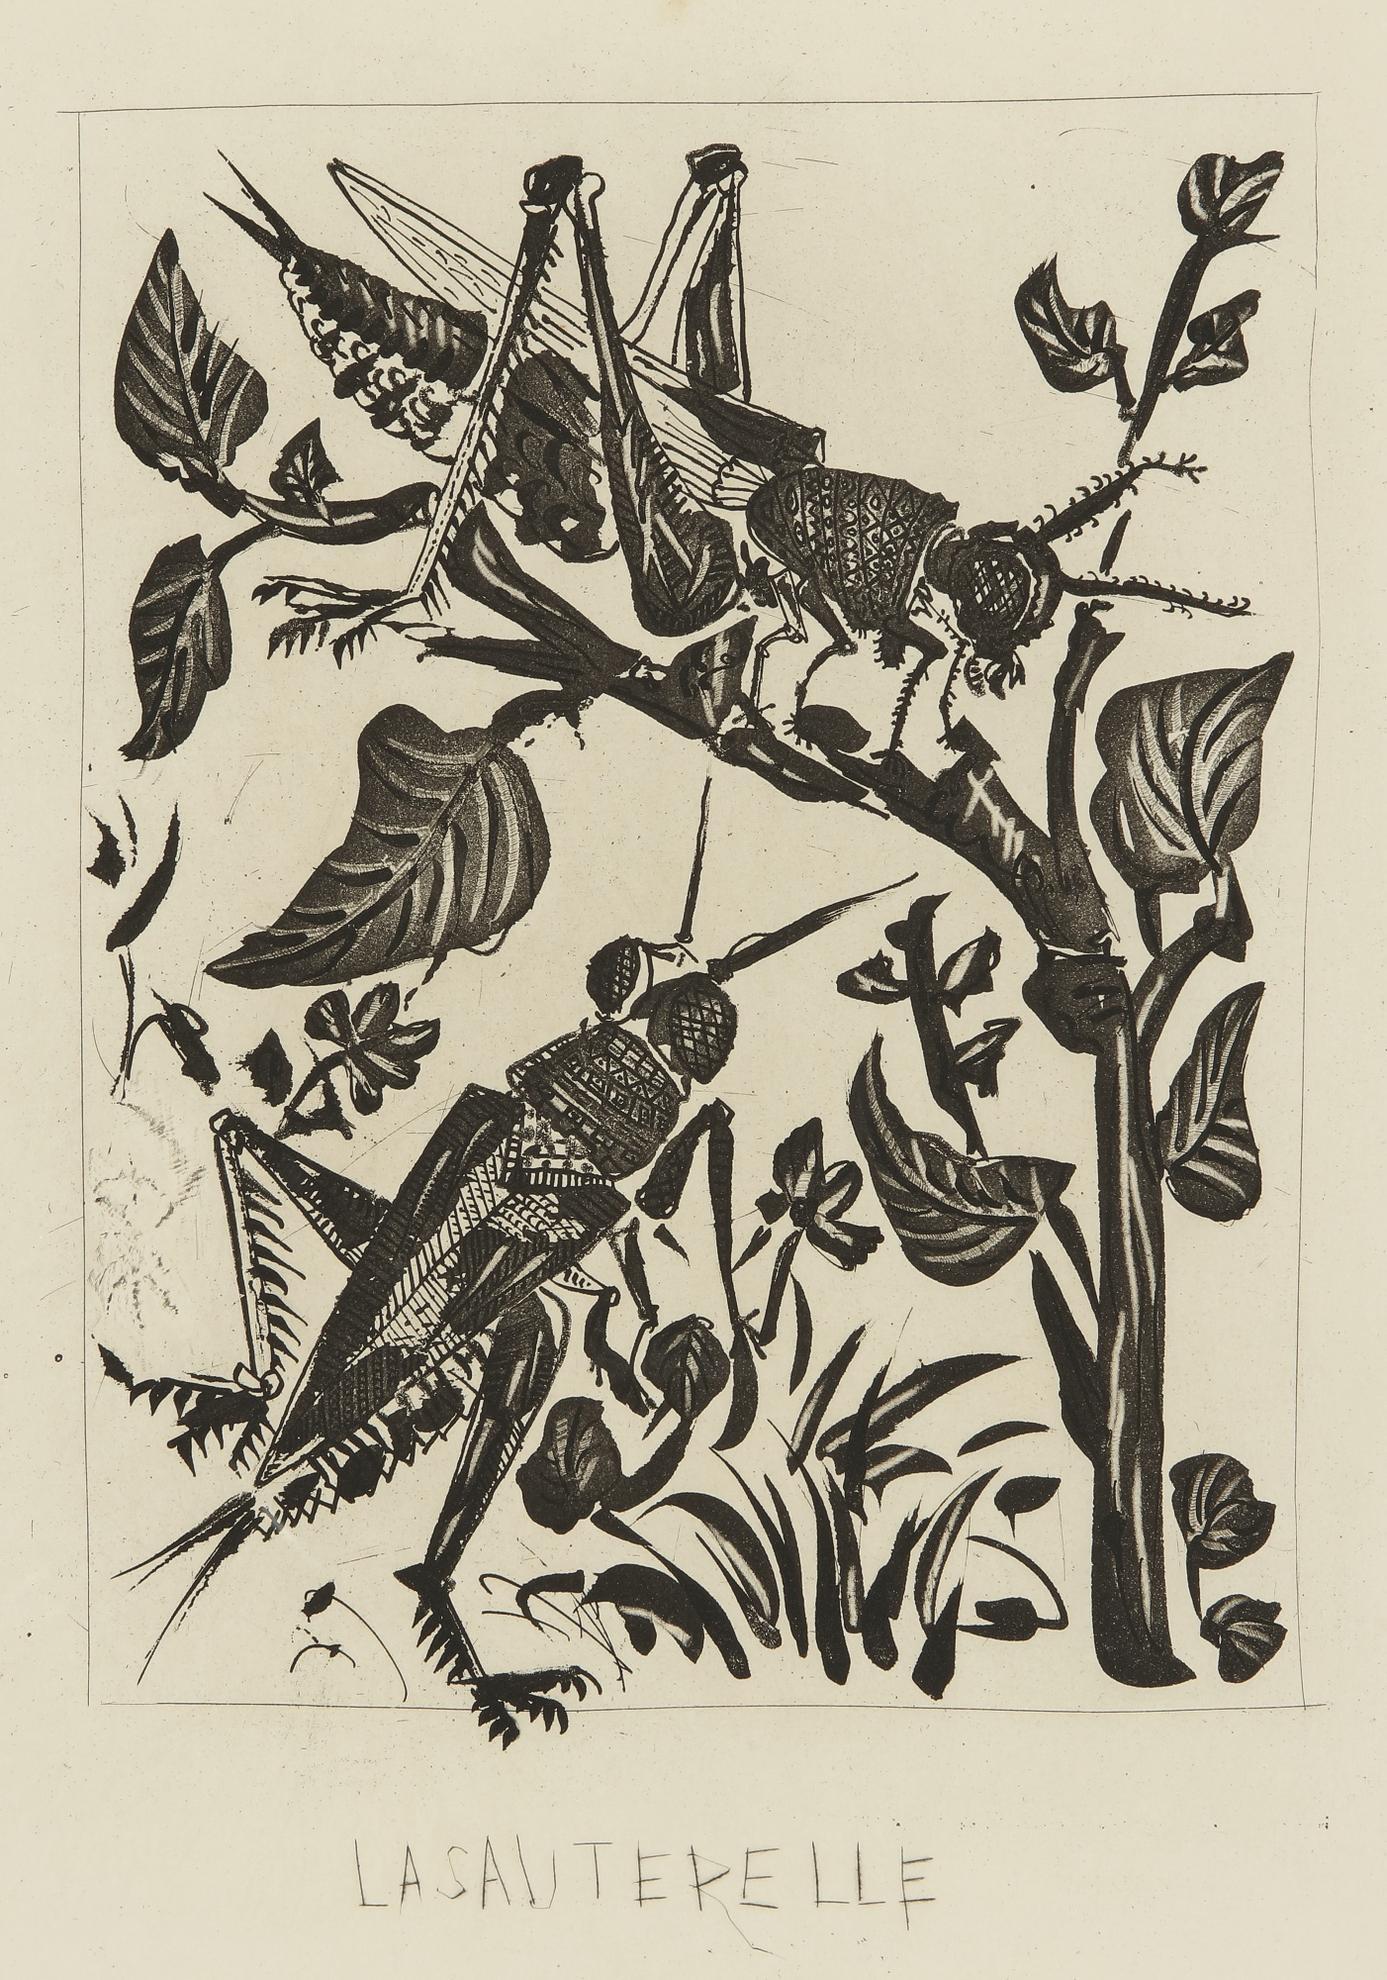 Pablo Picasso-La Sauterelle: Four States (B. 358; Ba. 605)-1936